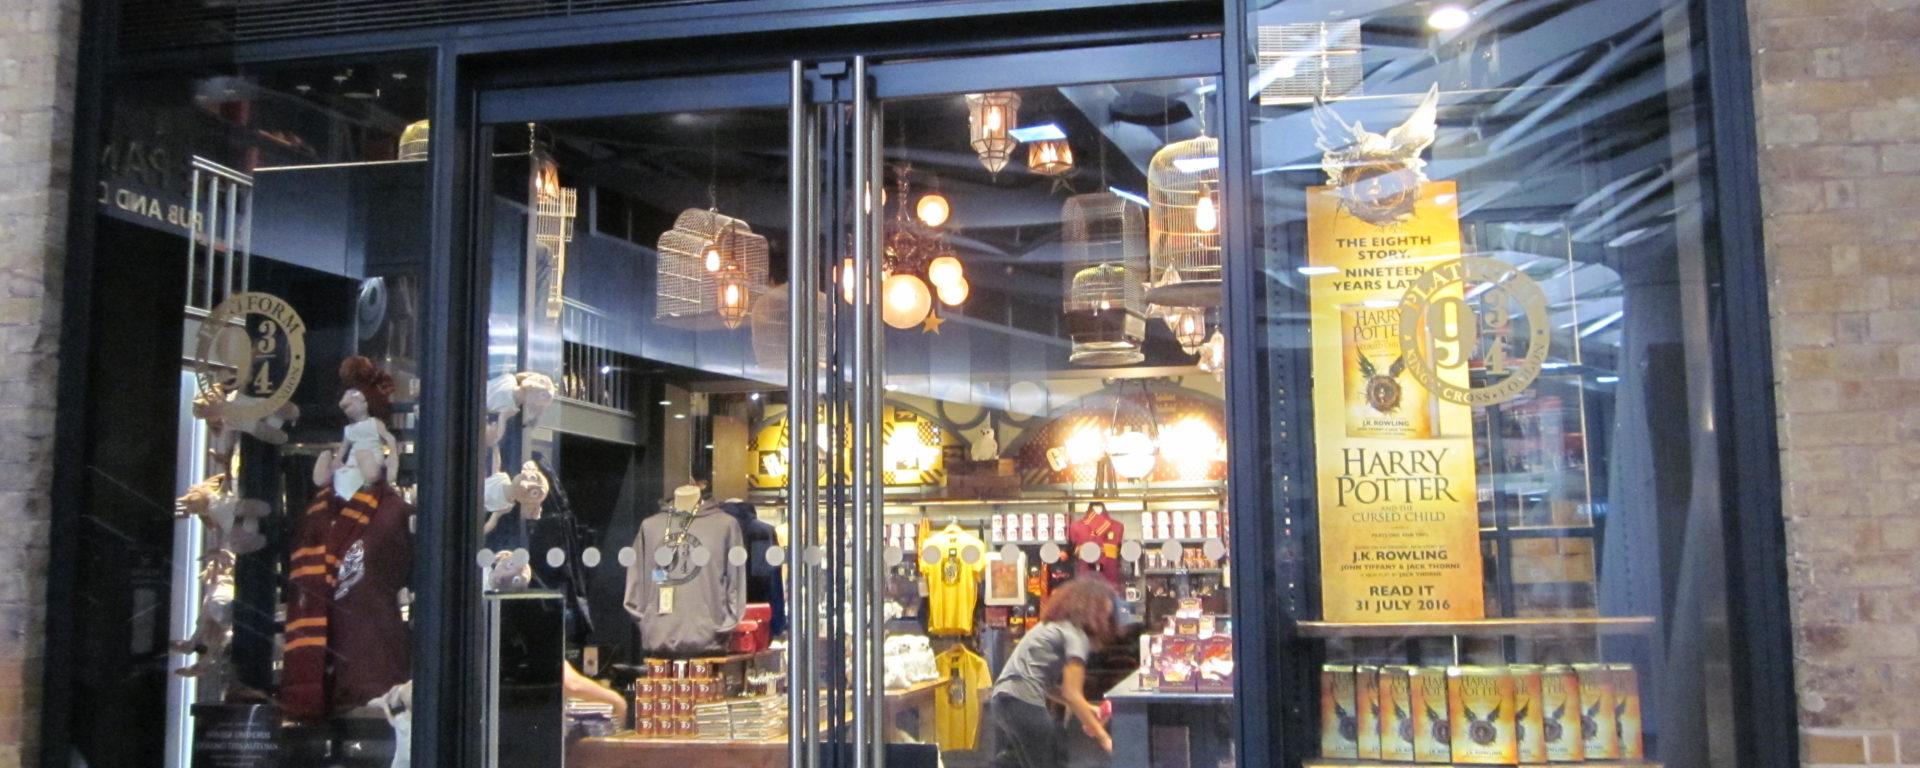 harry potter london platform 9 3/4 souvenir shop king's cross jean above the clouds